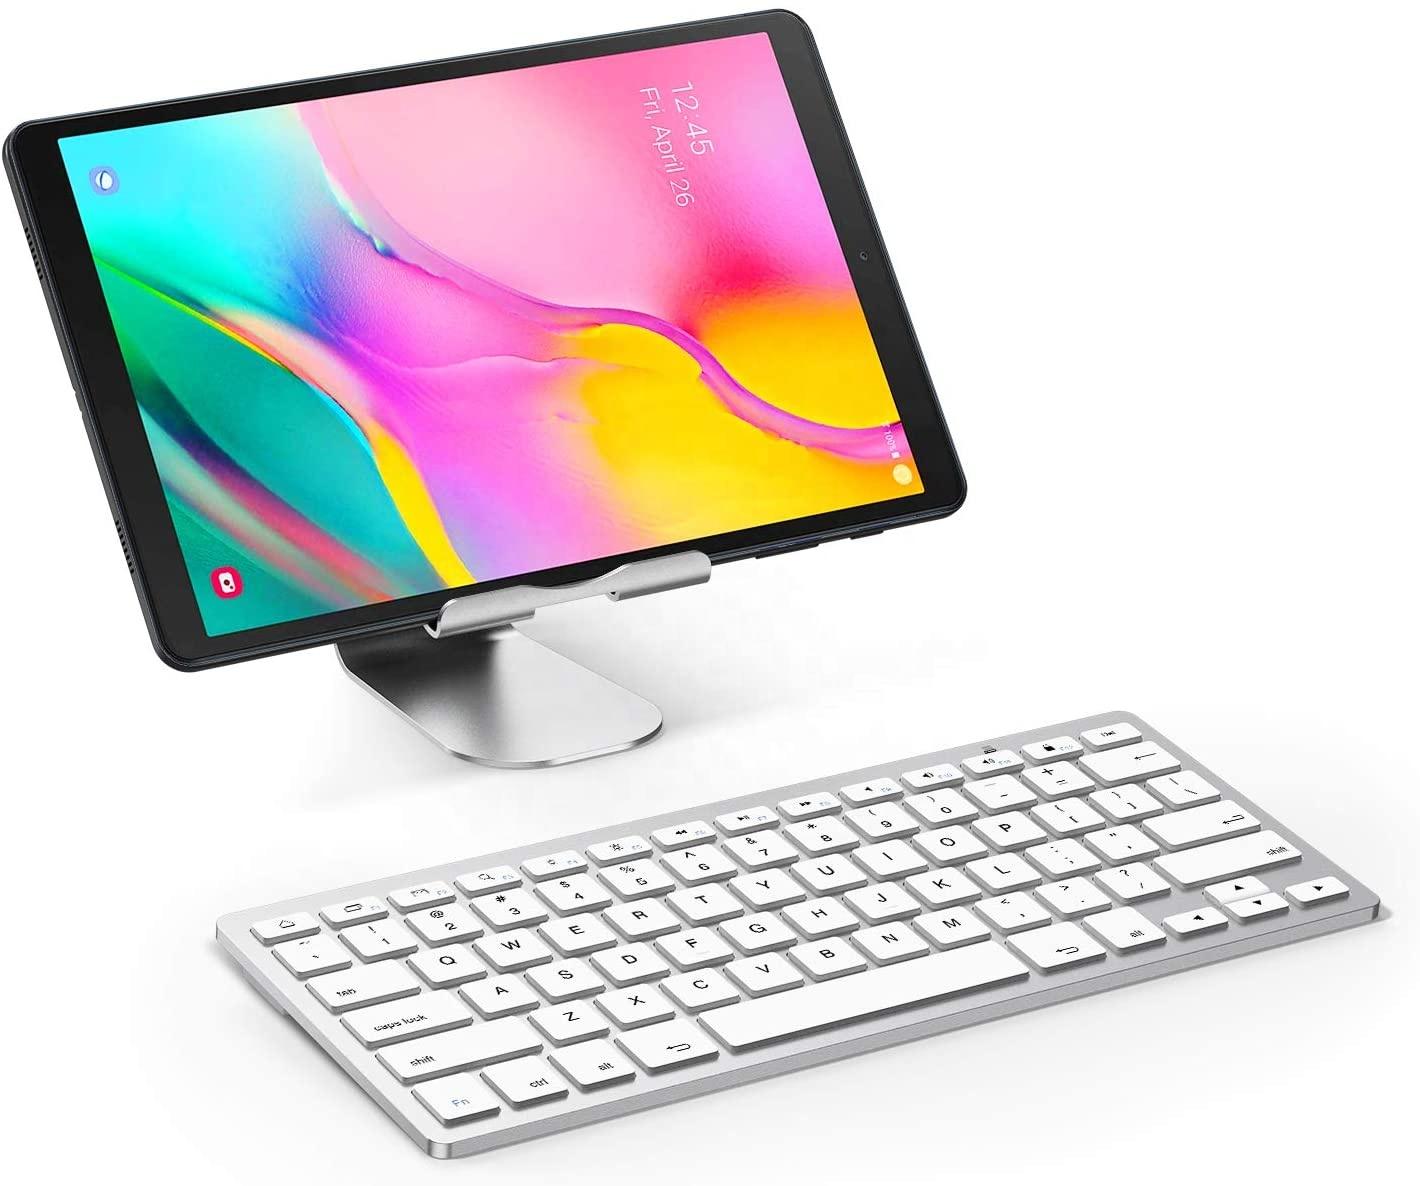 Самая популярная клавиатура для планшета, тонкая клавиатура Bluetooth